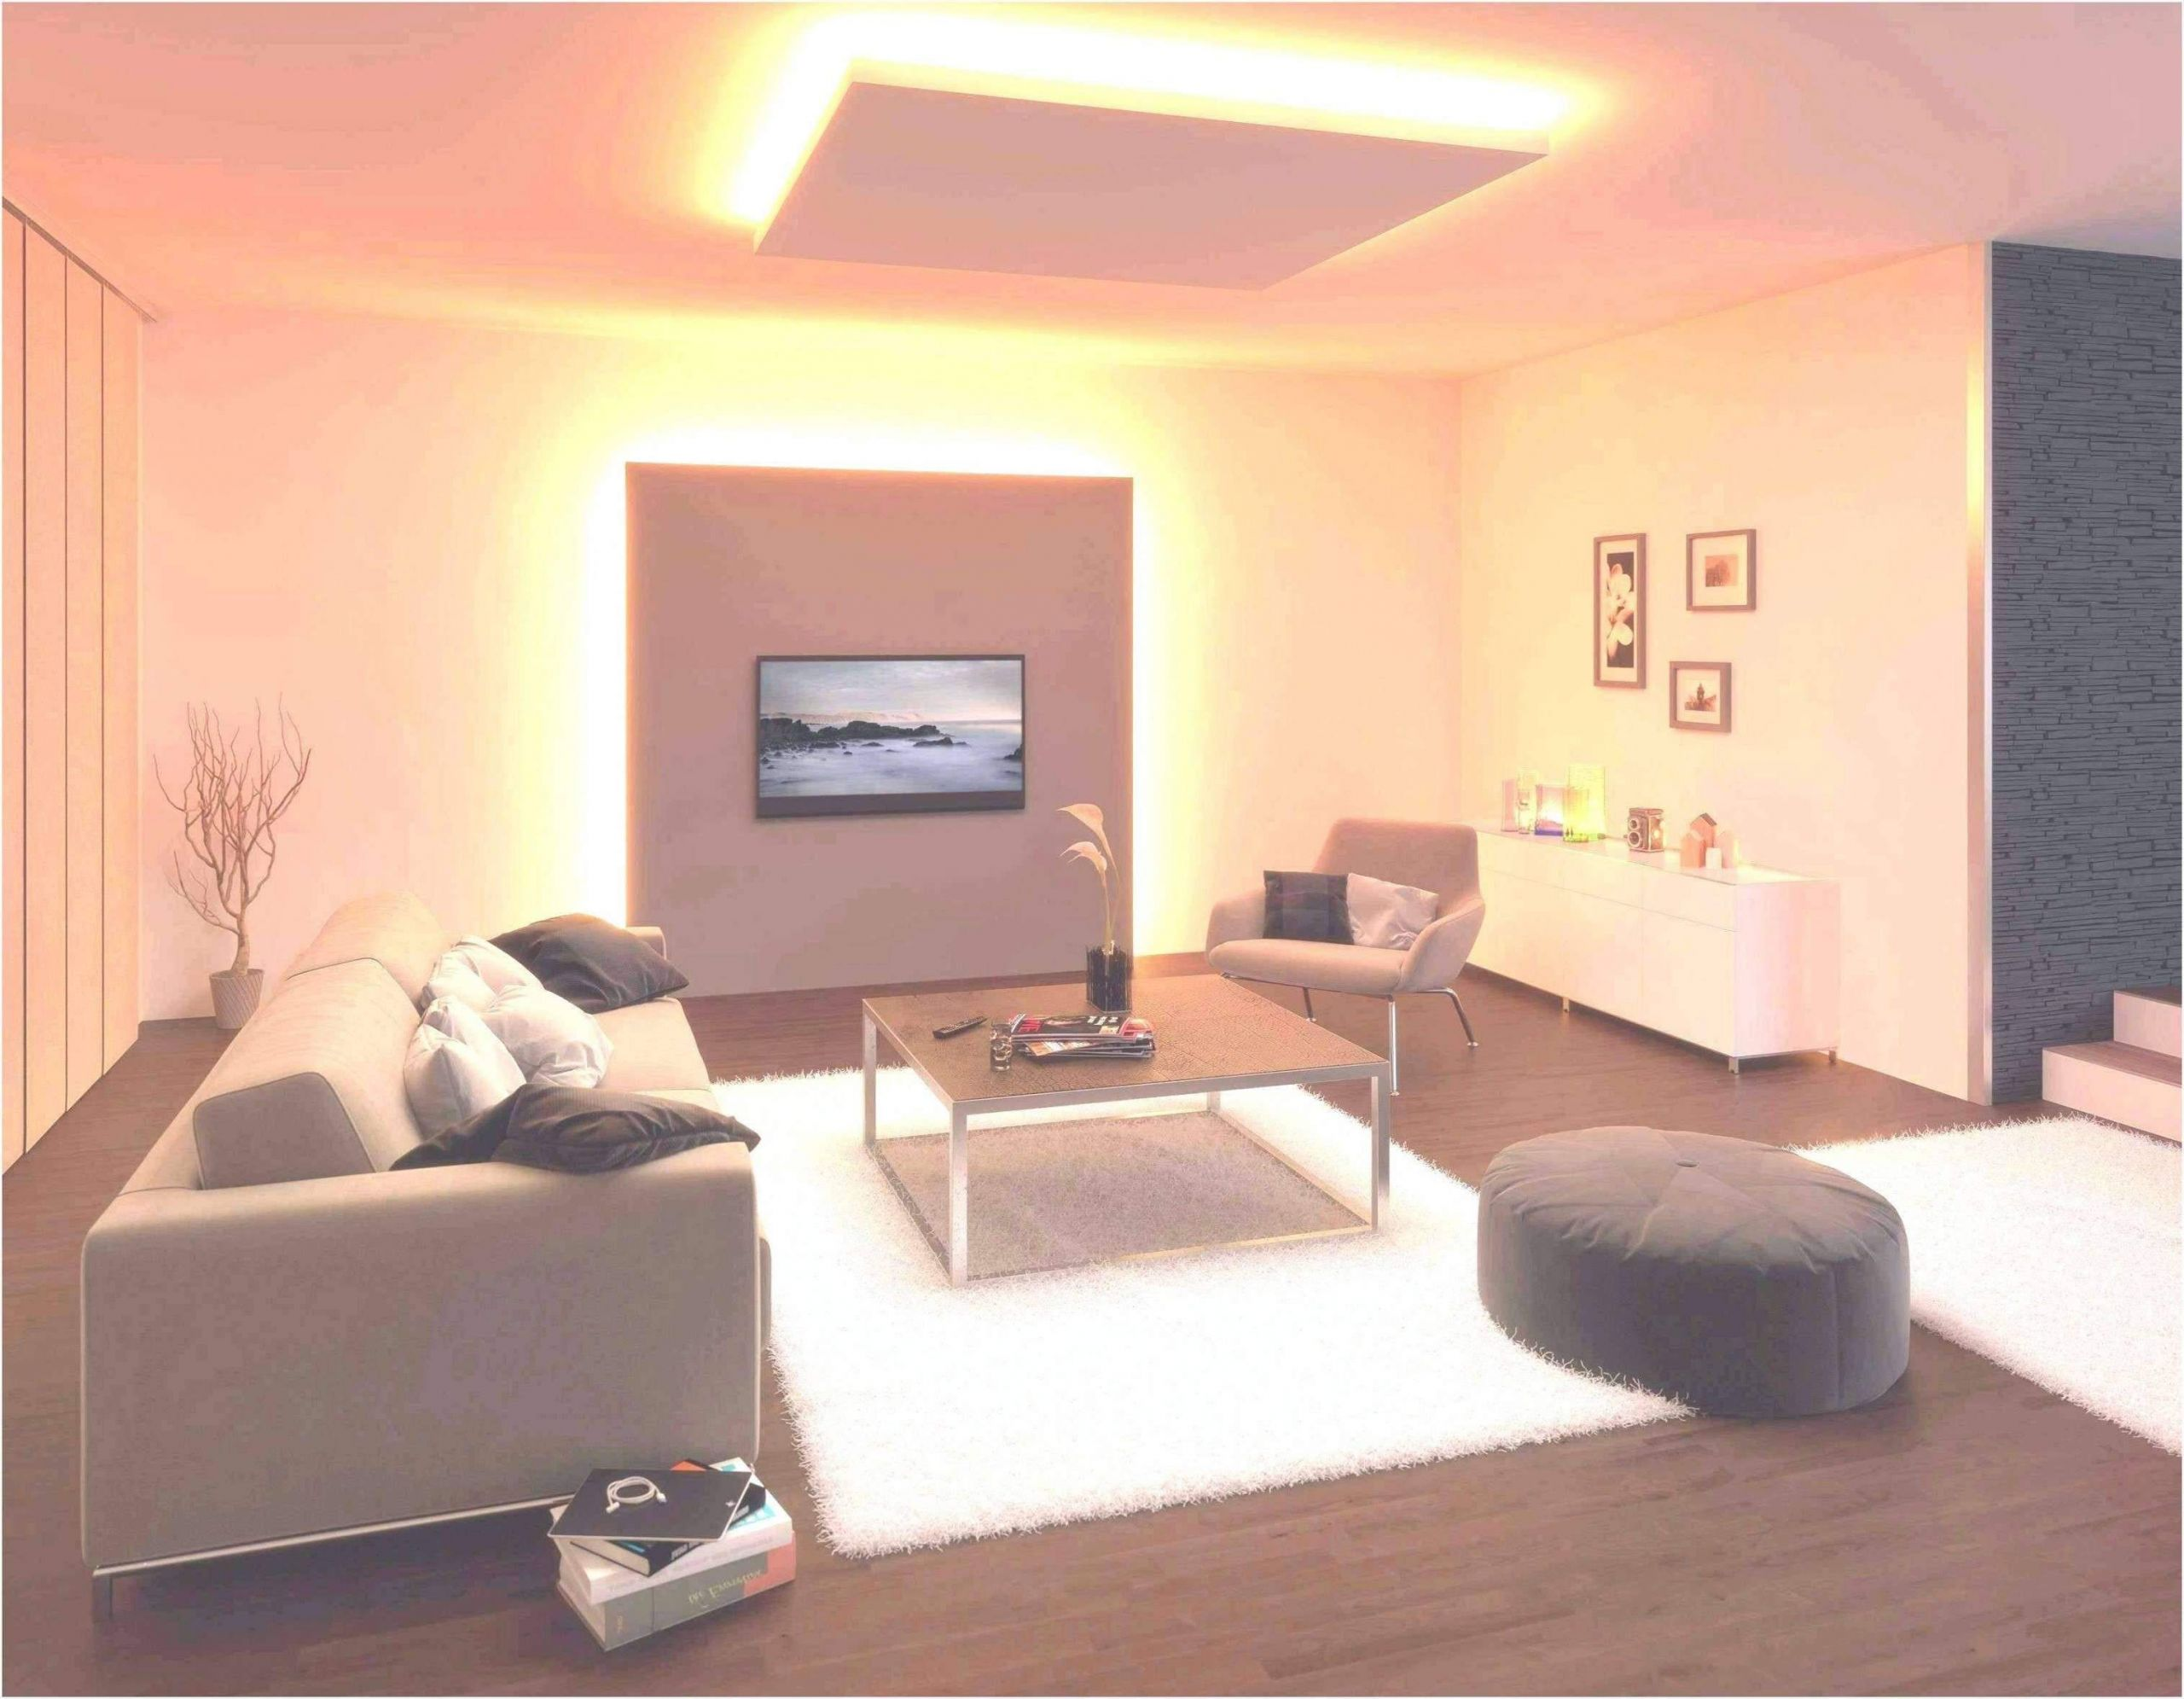 Full Size of Wohnzimmer Indirekte Beleuchtung Decke Led Selber Bauen Planen Ideen Wohnwand Wieviel Lumen Lampen 39 Das Beste Von Modern Elegant Badezimmer Spiegelschrank Wohnzimmer Wohnzimmer Beleuchtung